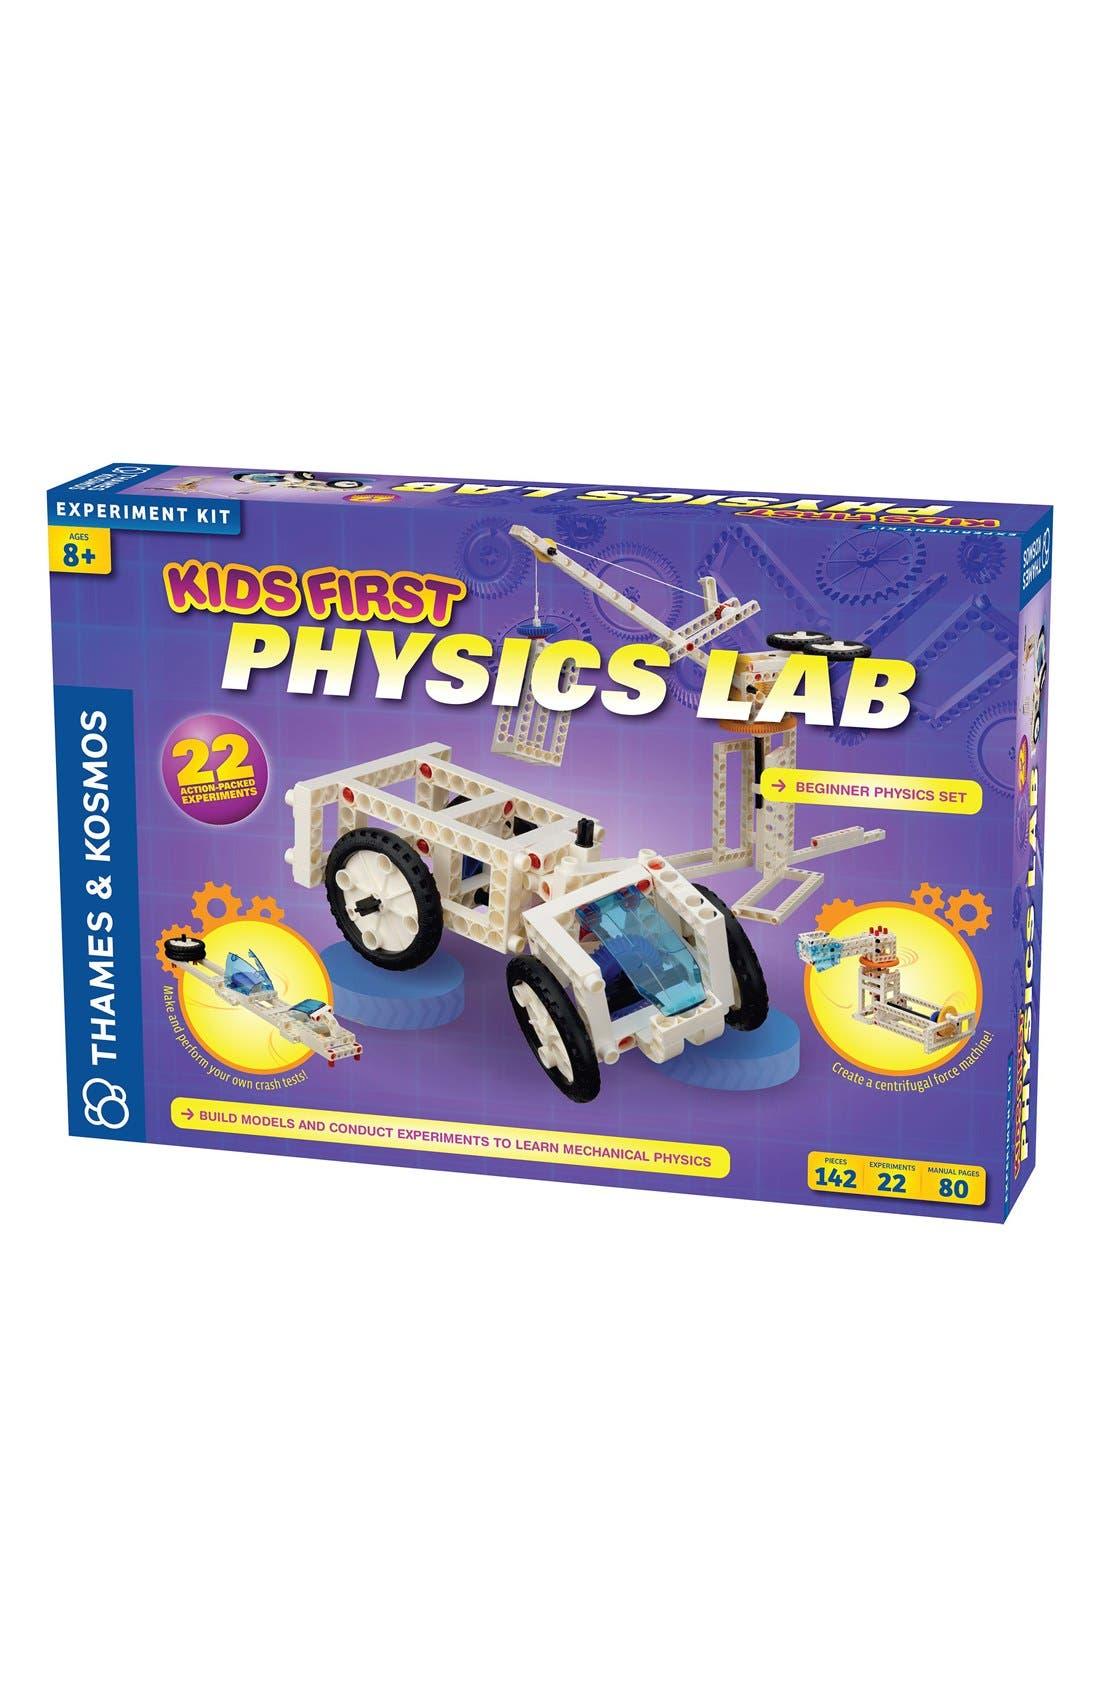 'Kids First - Physics Lab' Experiment Kit,                             Main thumbnail 1, color,                             PURPLE